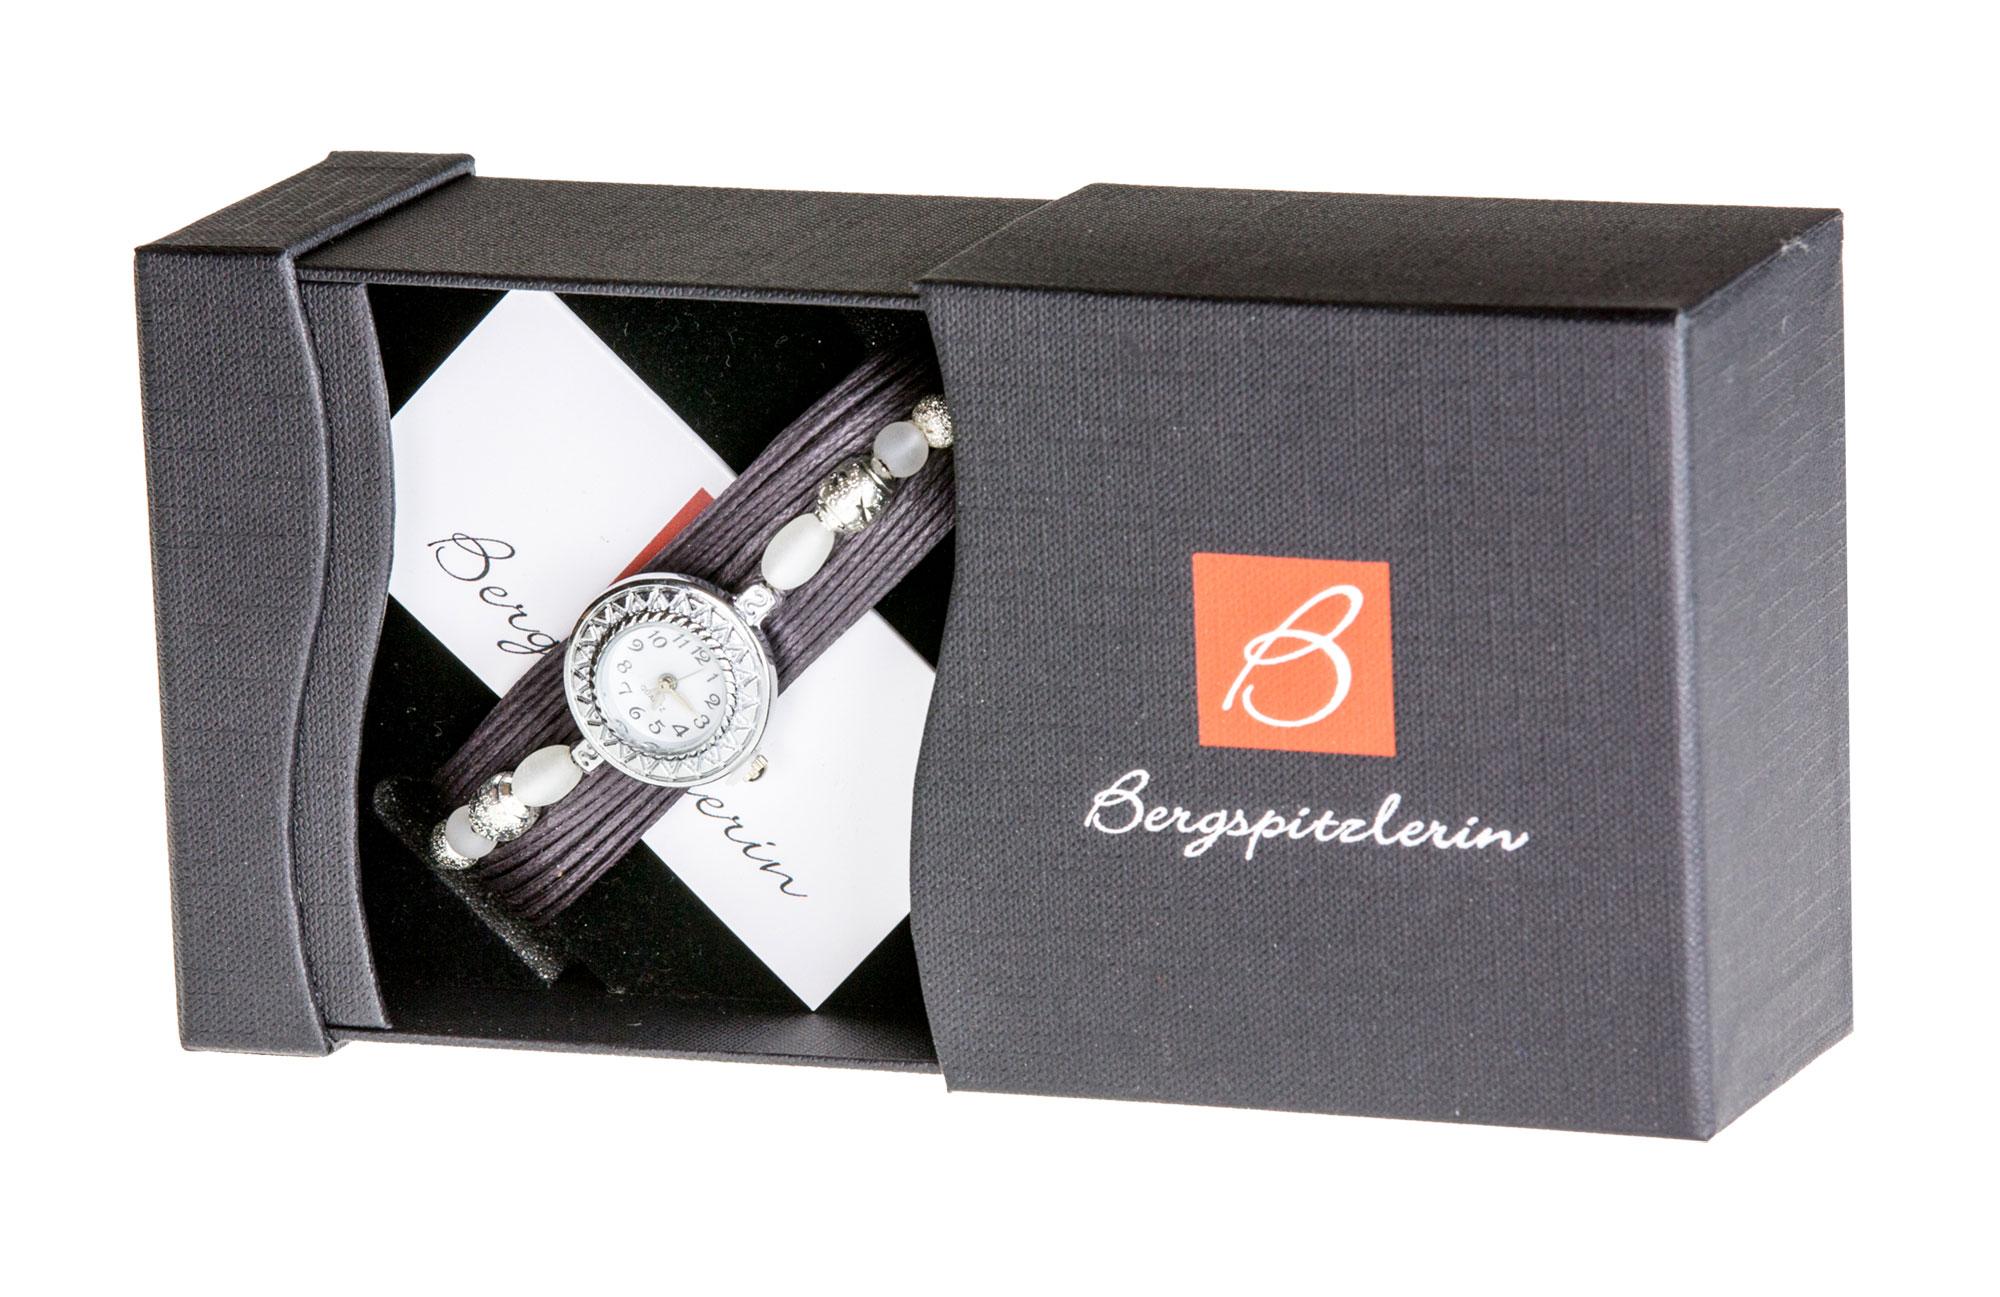 Uhr Armband Damen @ Bergspitzlerin Tirol